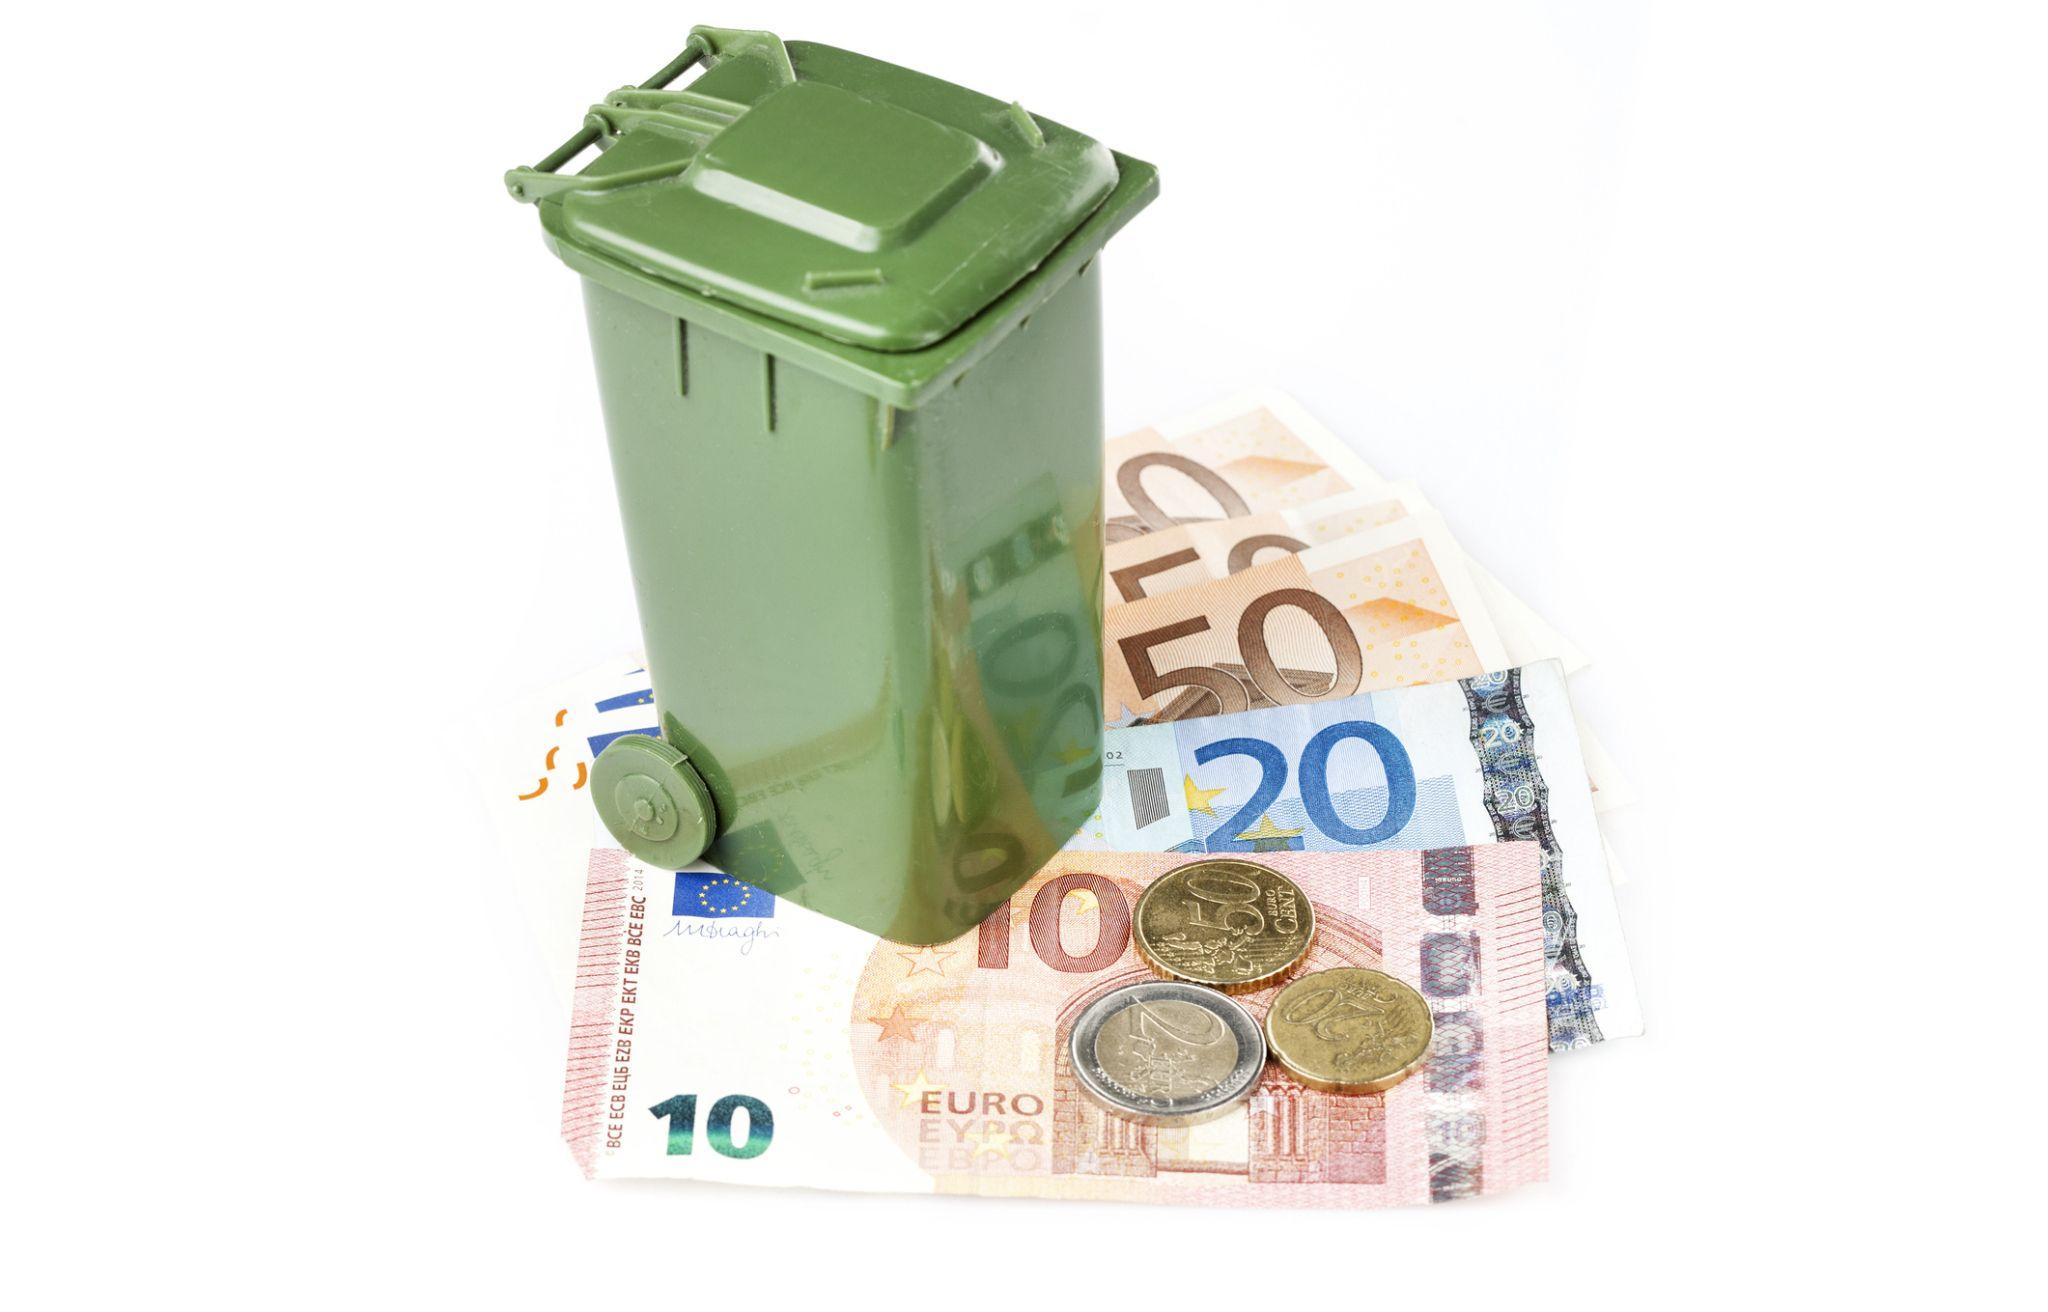 648x415 location la taxe des ordures menageres fait grimper la facture1